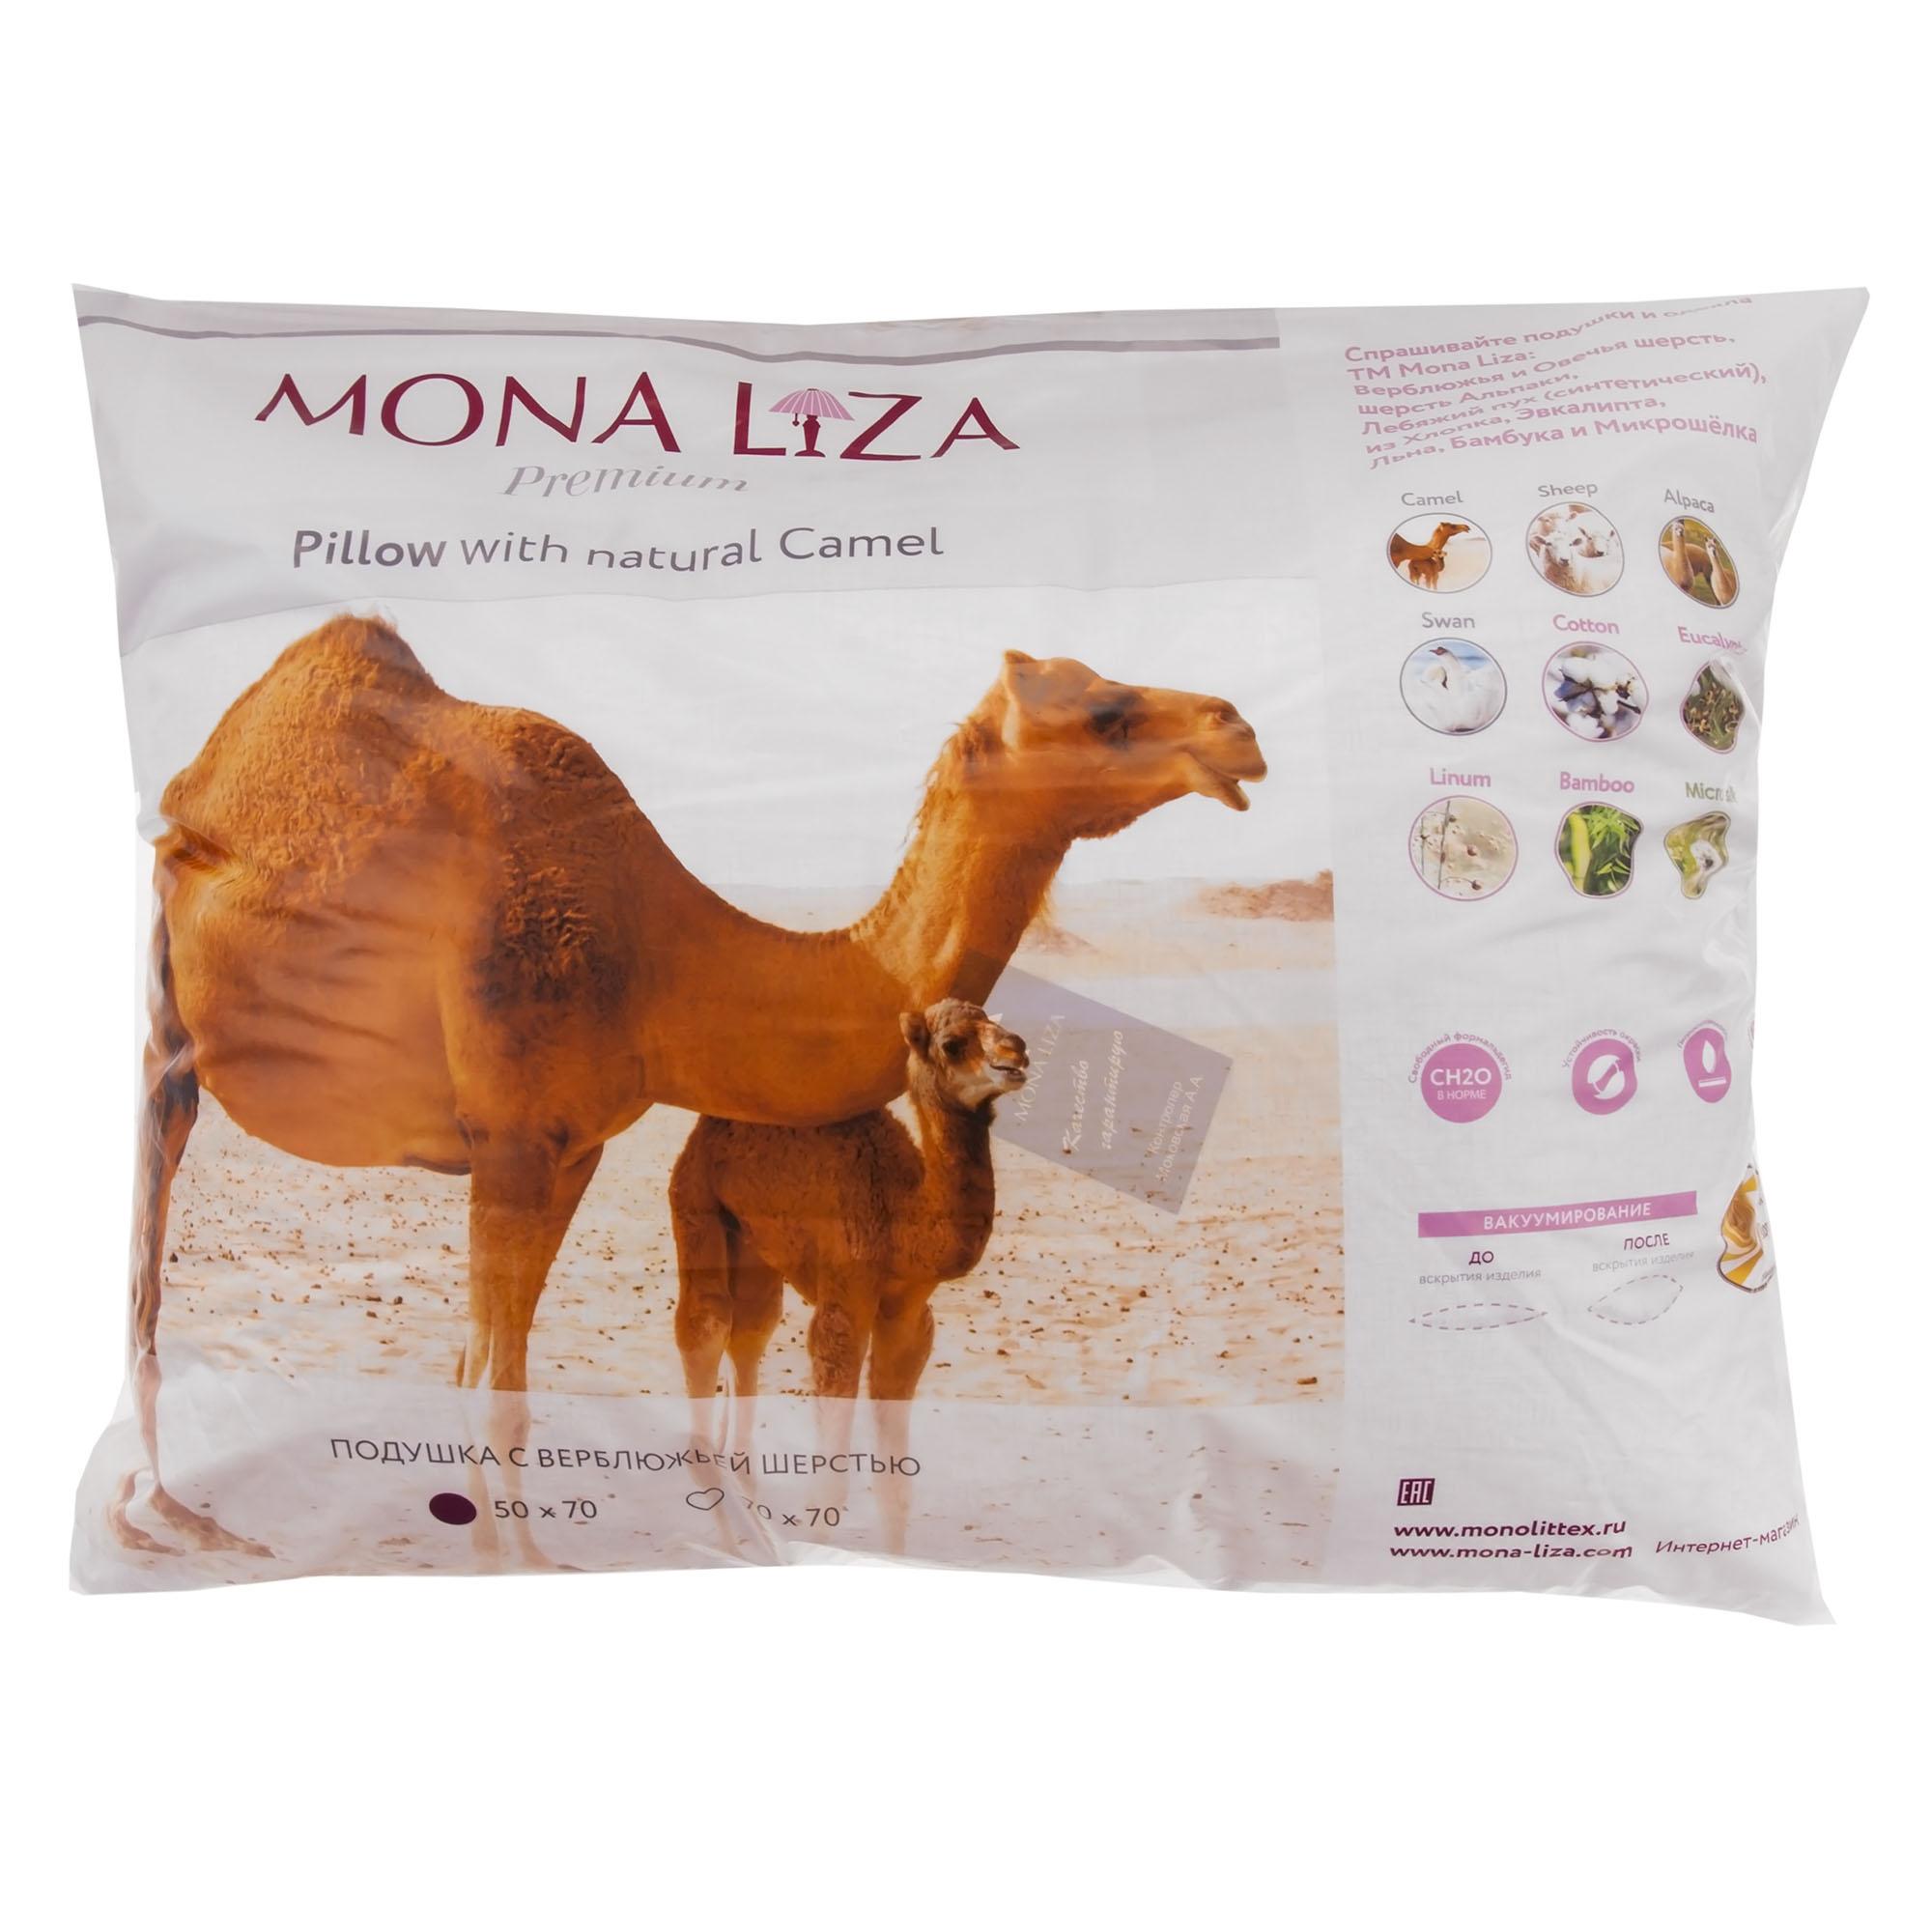 Подушка Mona Liza Premium 539616 подушки для малыша mona liza подушка 50х70